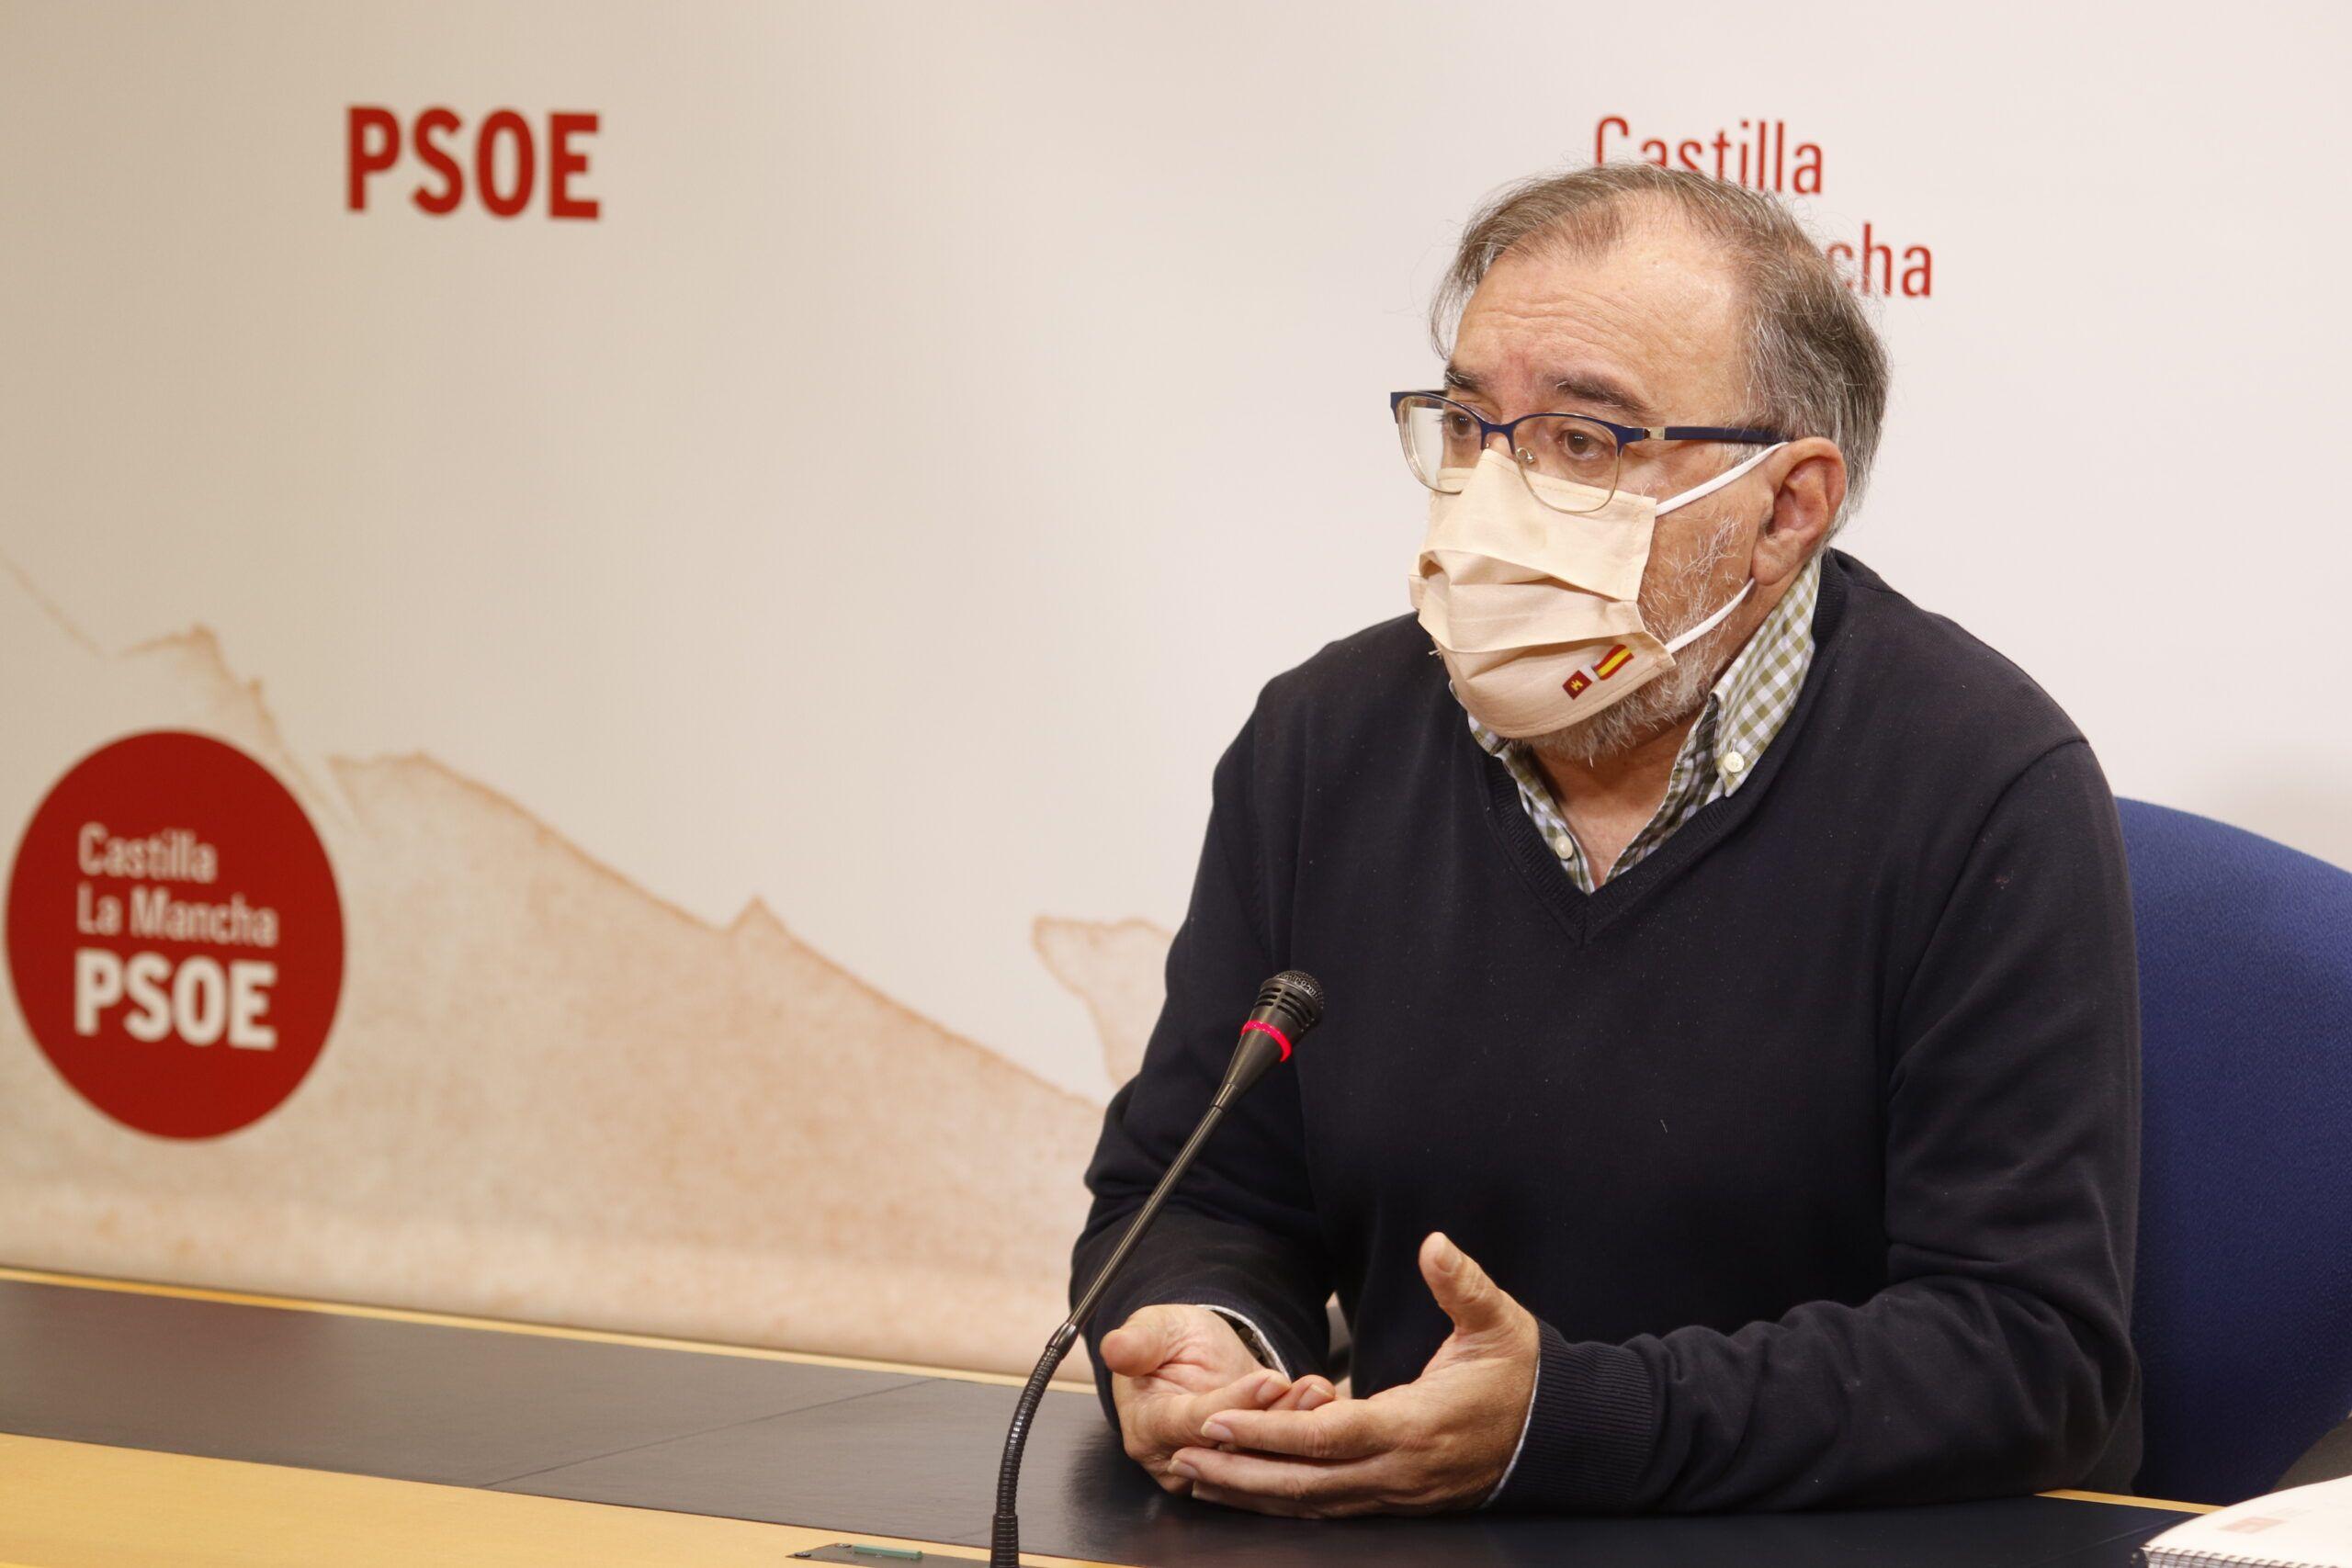 El PSOE denuncia que el PP recurra a